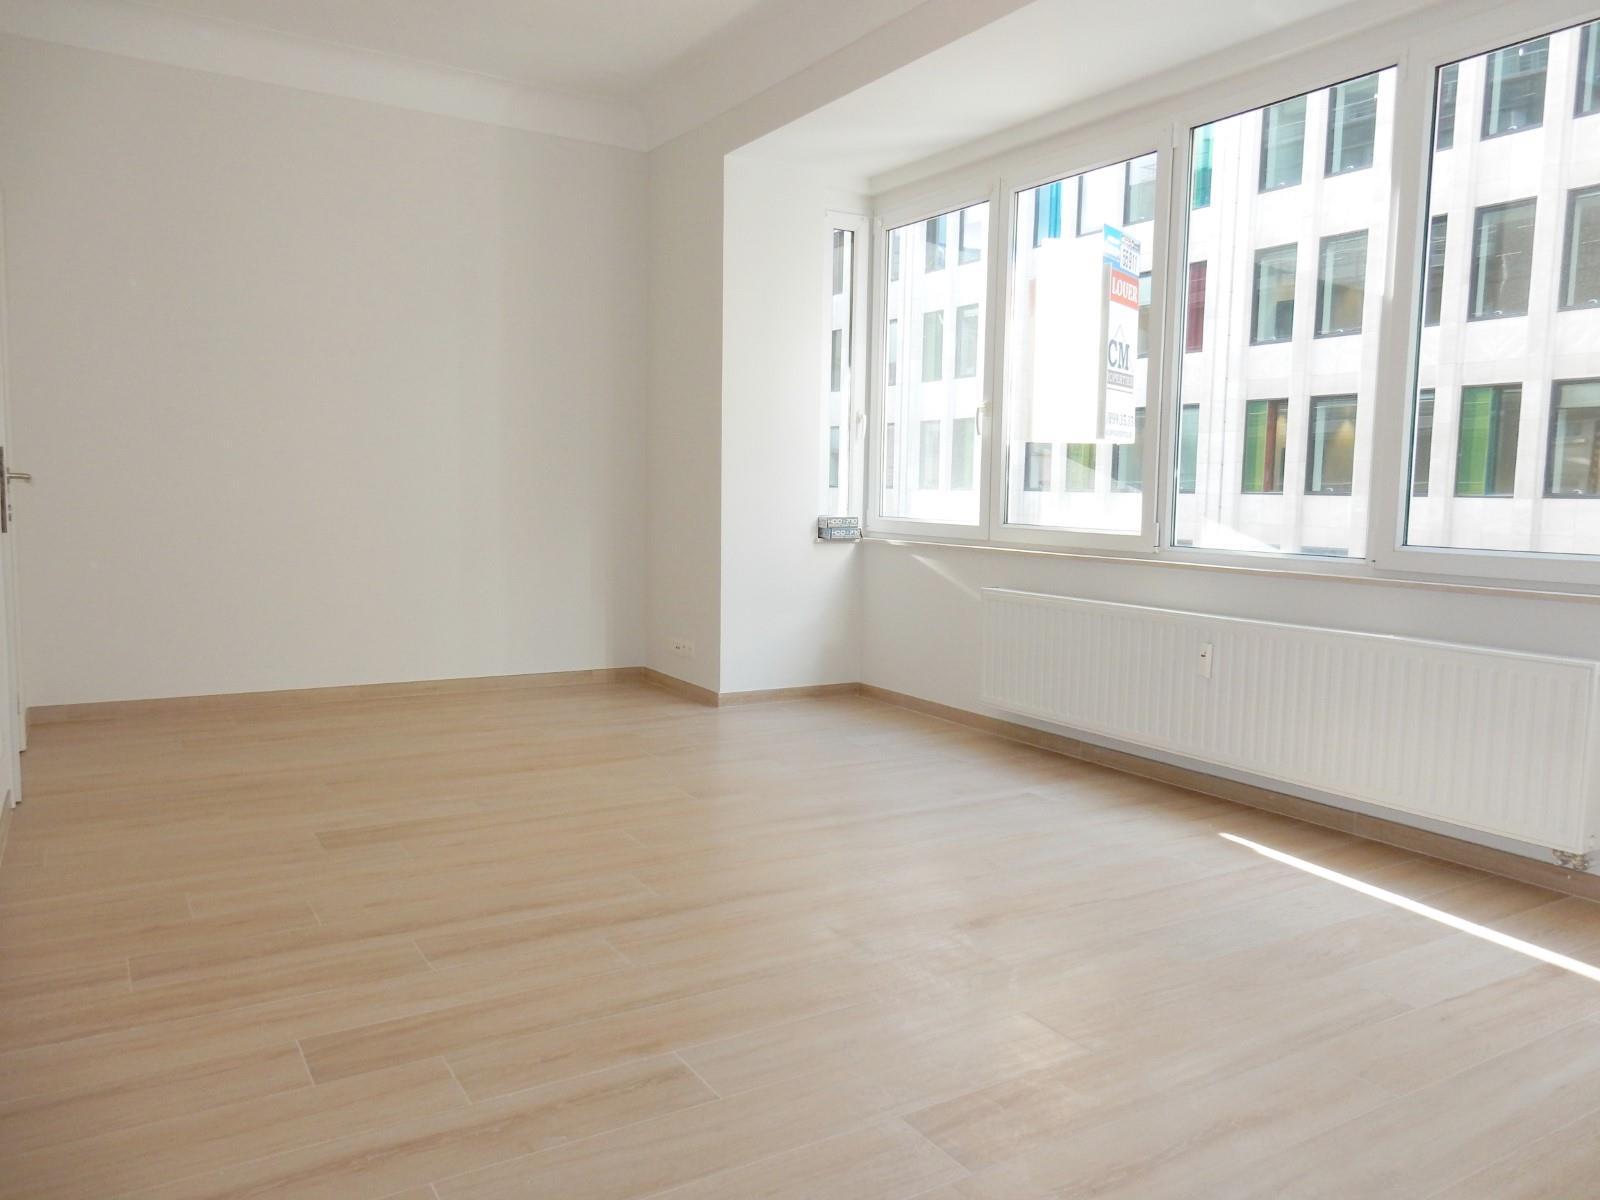 Appartement - Bruxelles - #3851324-2